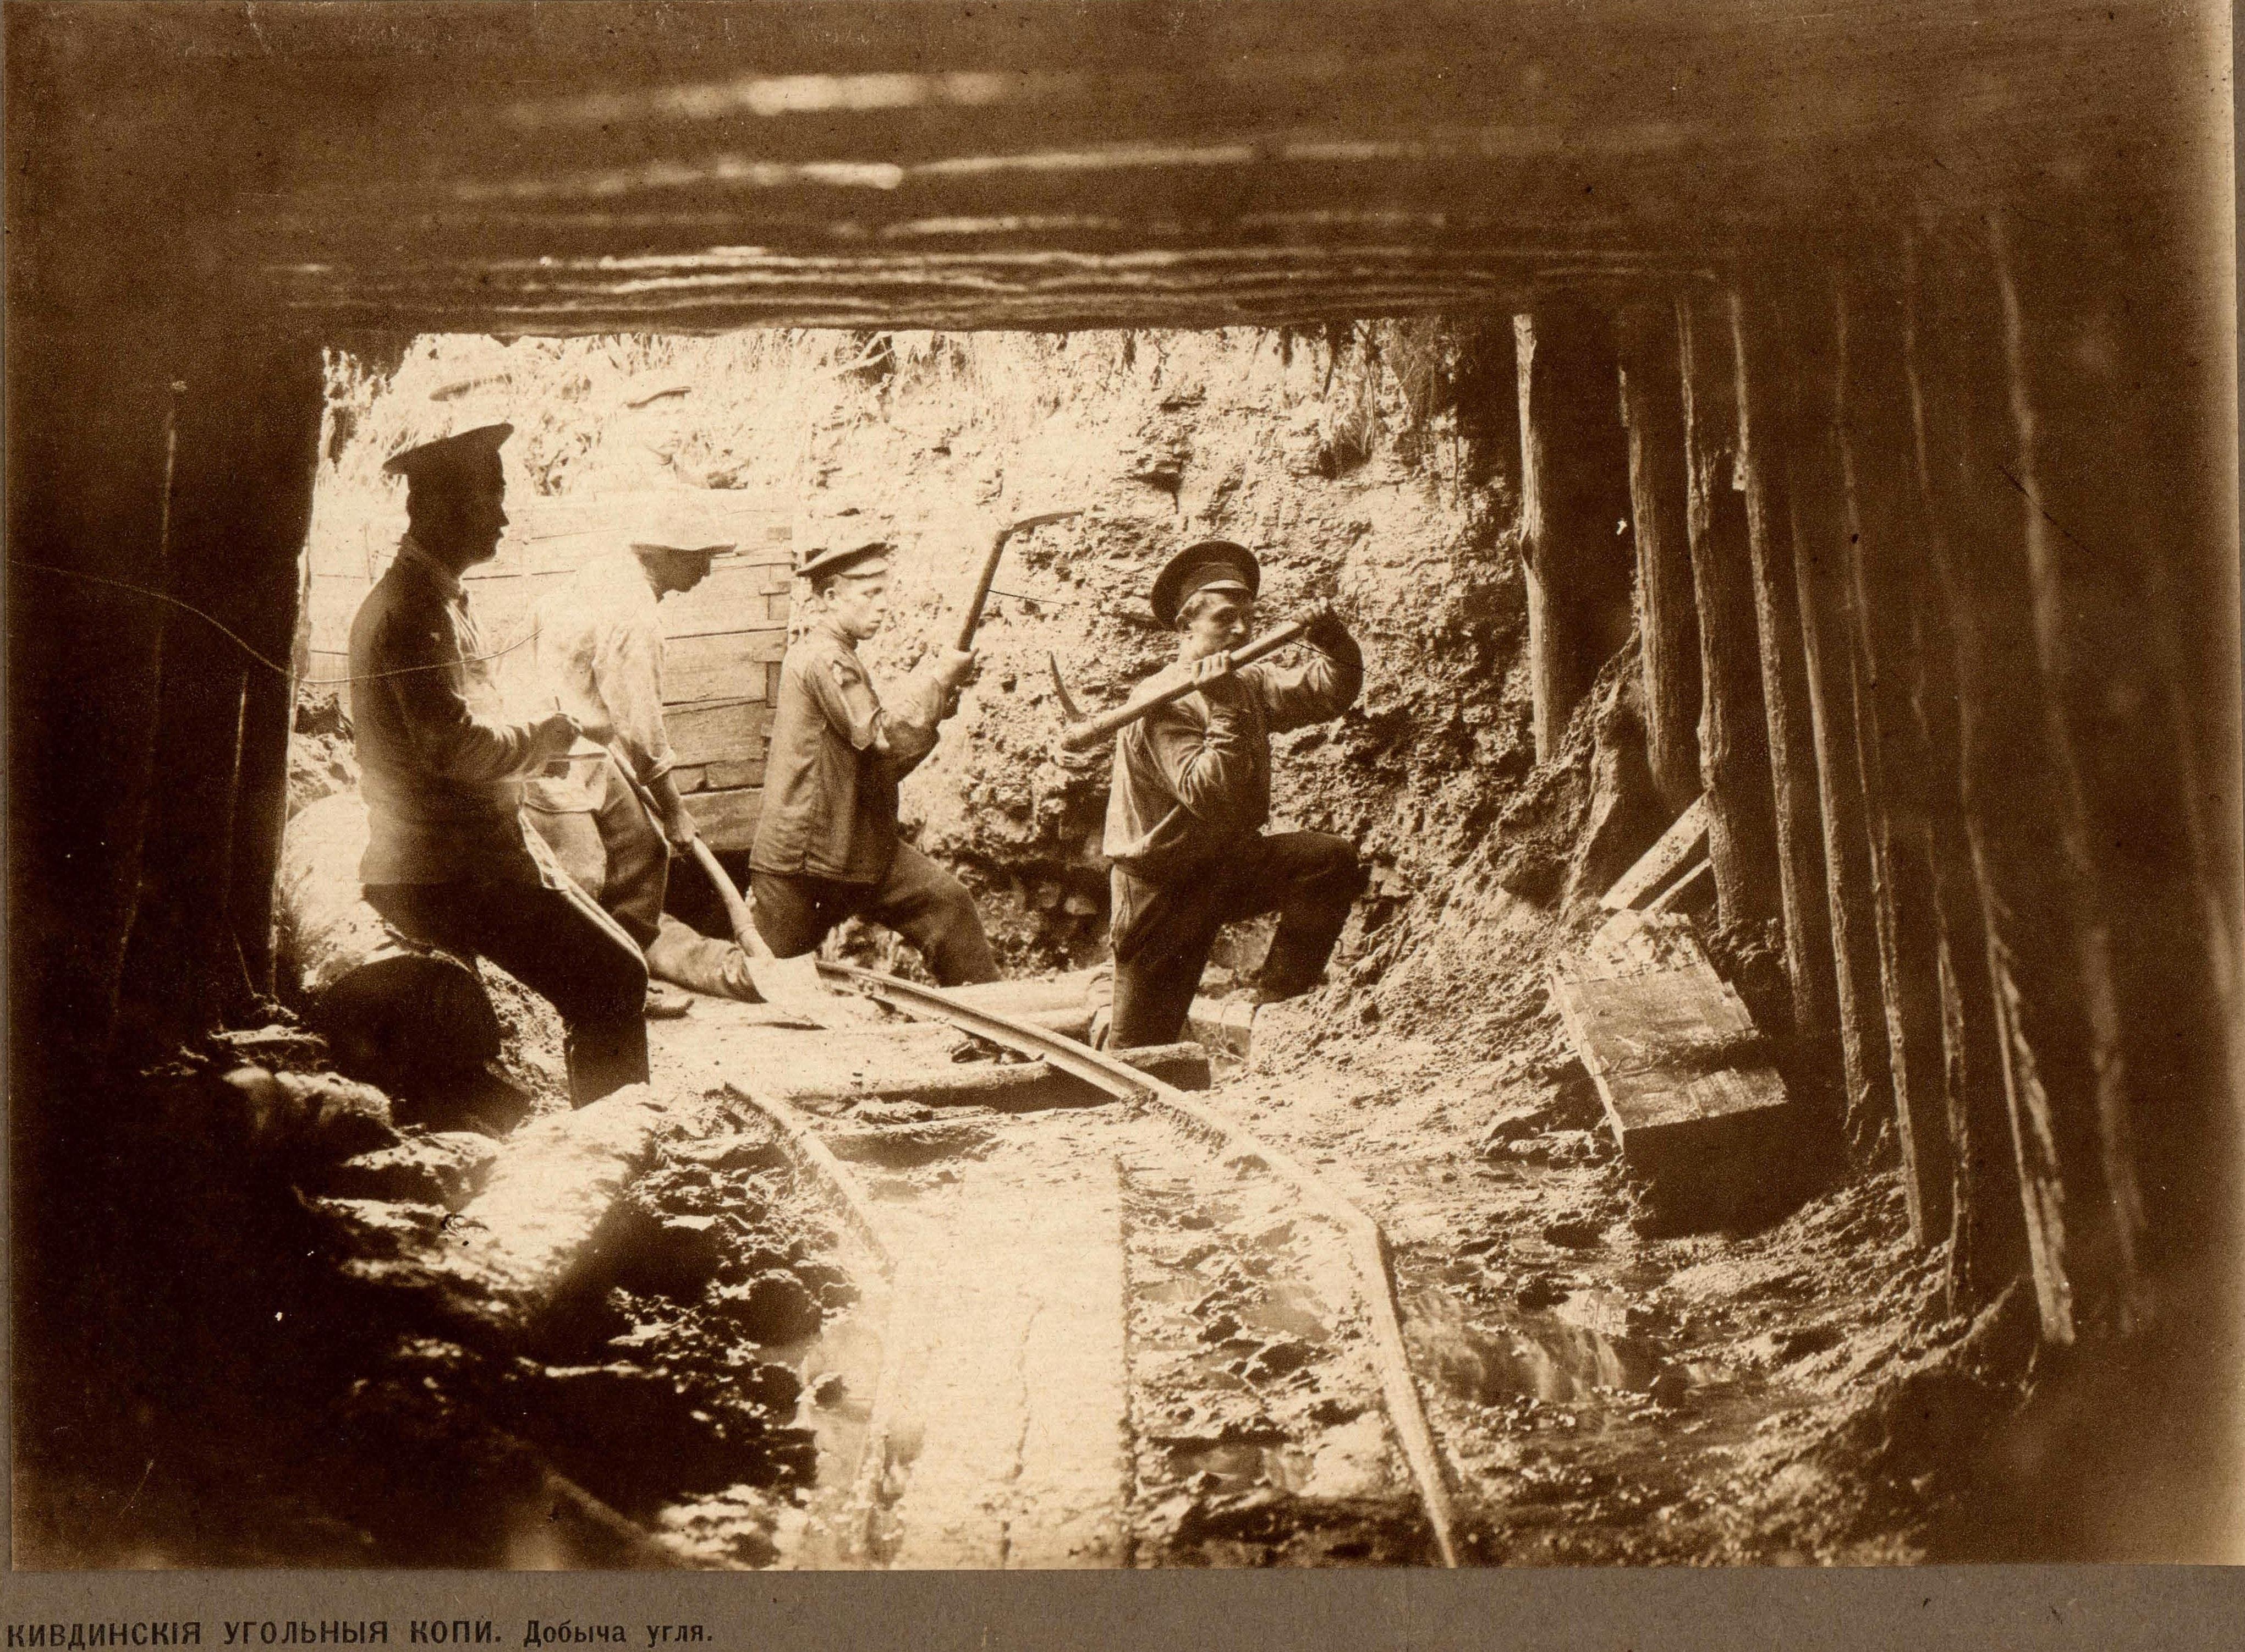 15. Добыча угля